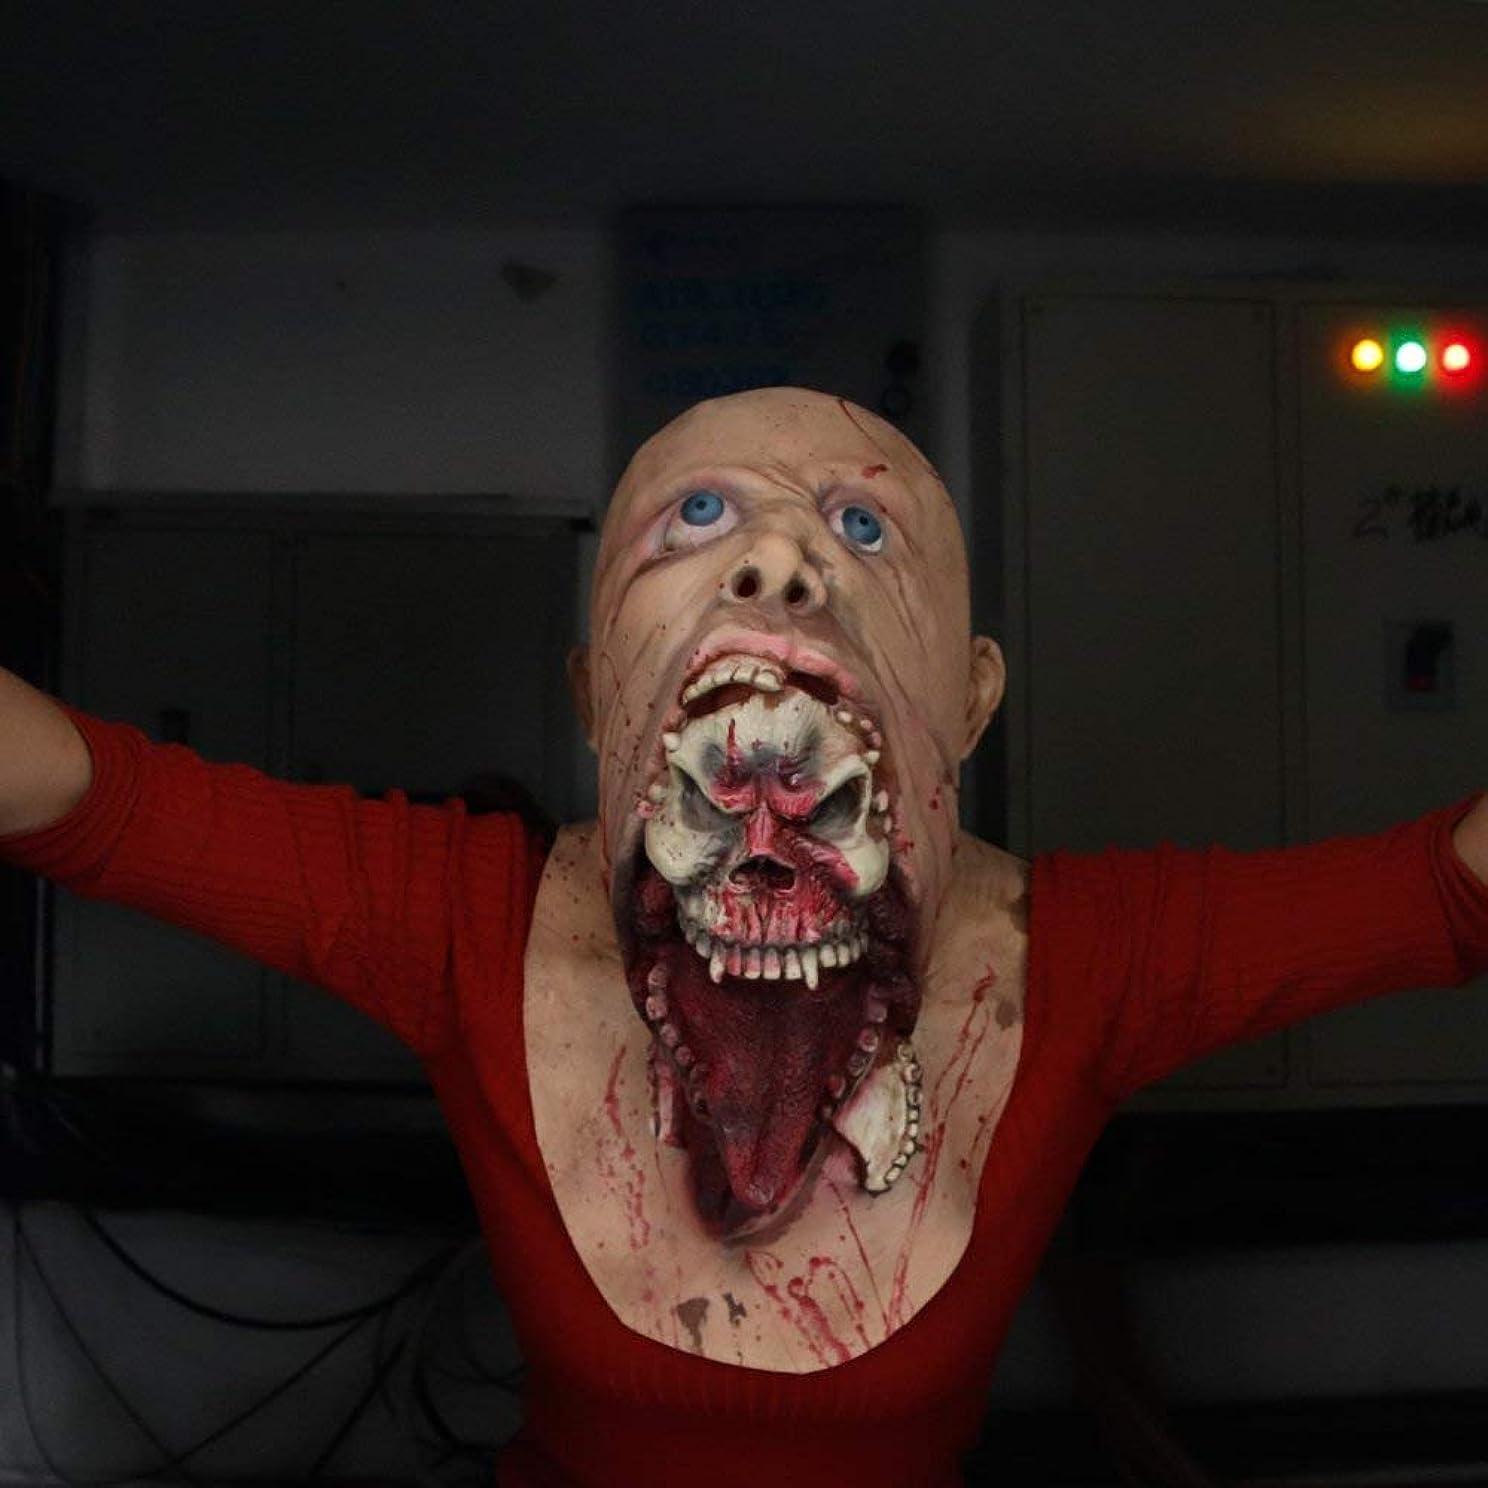 研究所ファイバ踏みつけラテックスゾンビハロウィーンマスク、怖い寄生虫マスク、怖い残酷なラテックスマスク